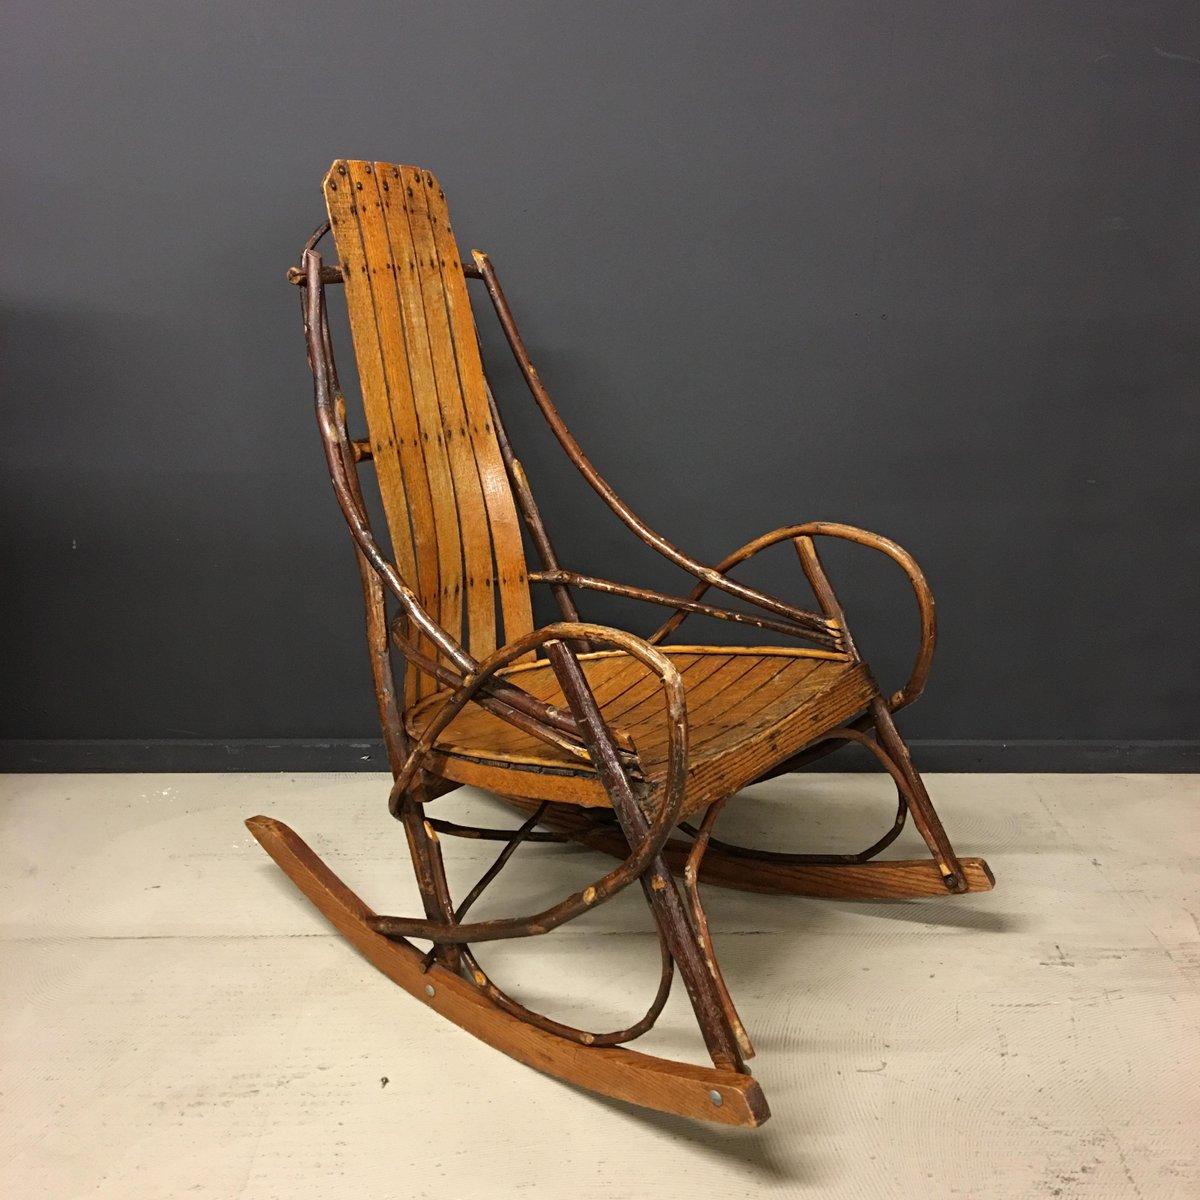 amerikanischer vintage adirondack schaukelstuhl bei pamono kaufen. Black Bedroom Furniture Sets. Home Design Ideas